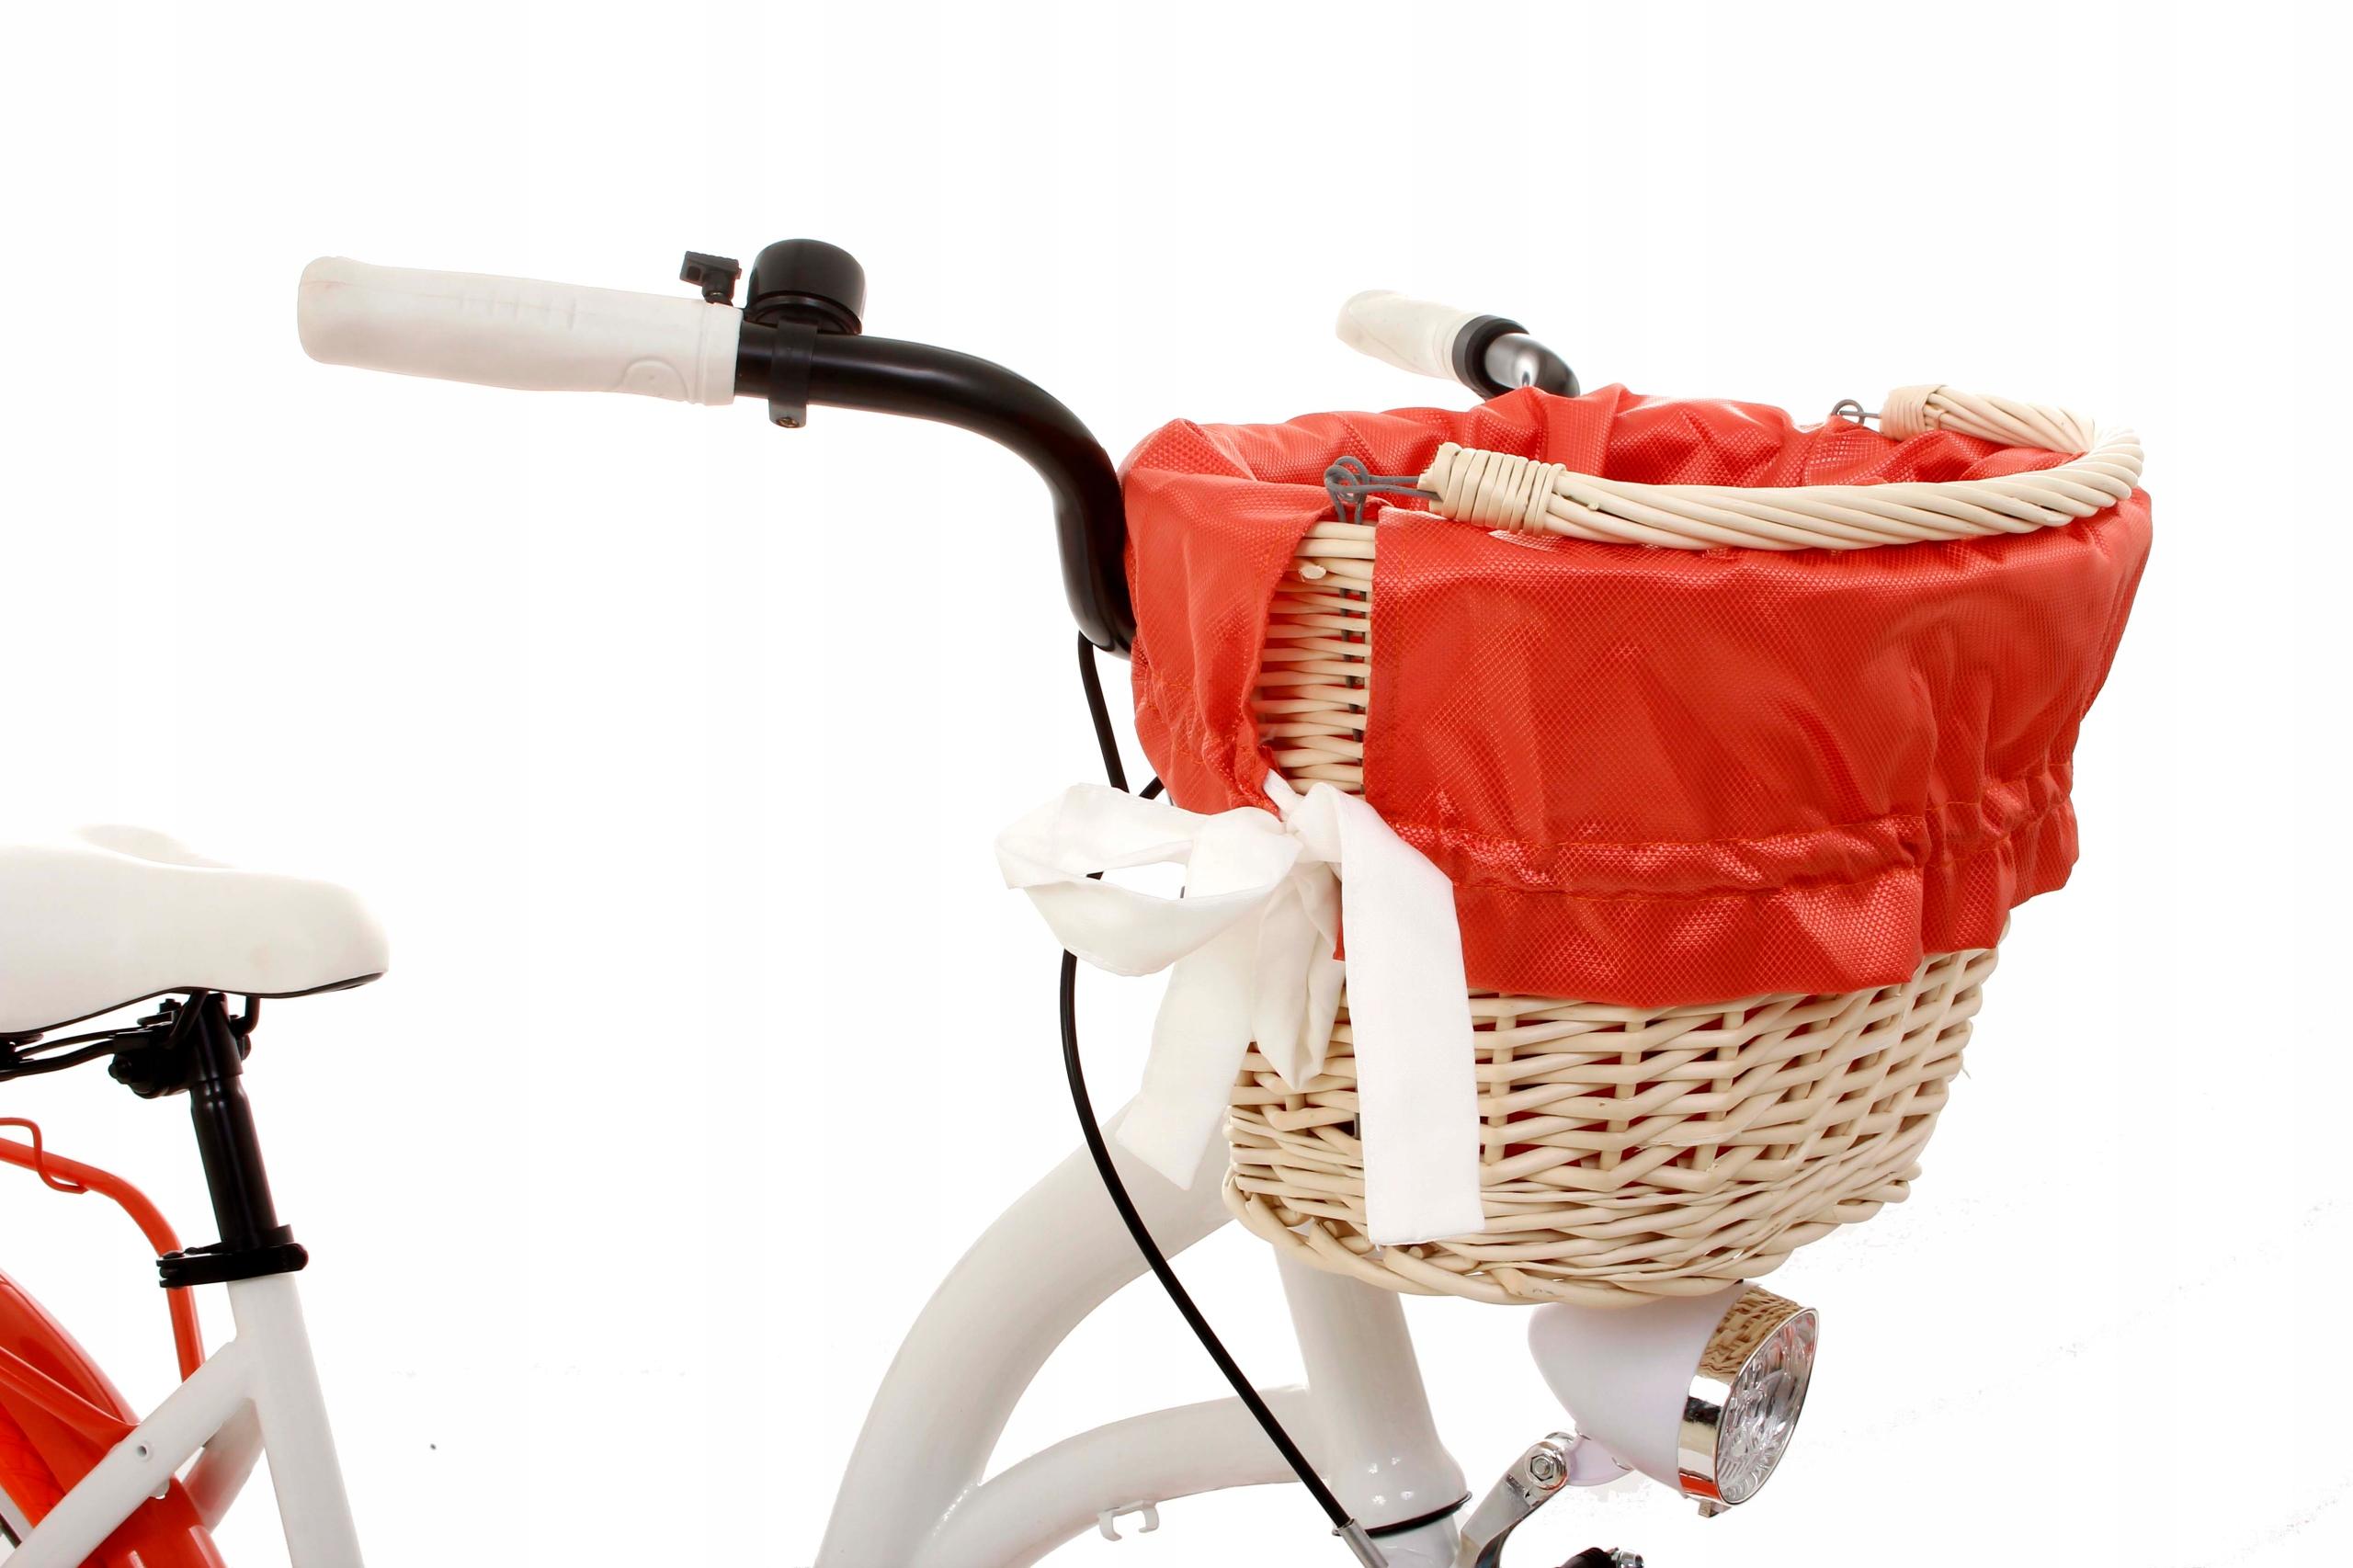 Dámsky mestský bicykel Goetze COLORS 26 košík!  Jednoradová kľuka